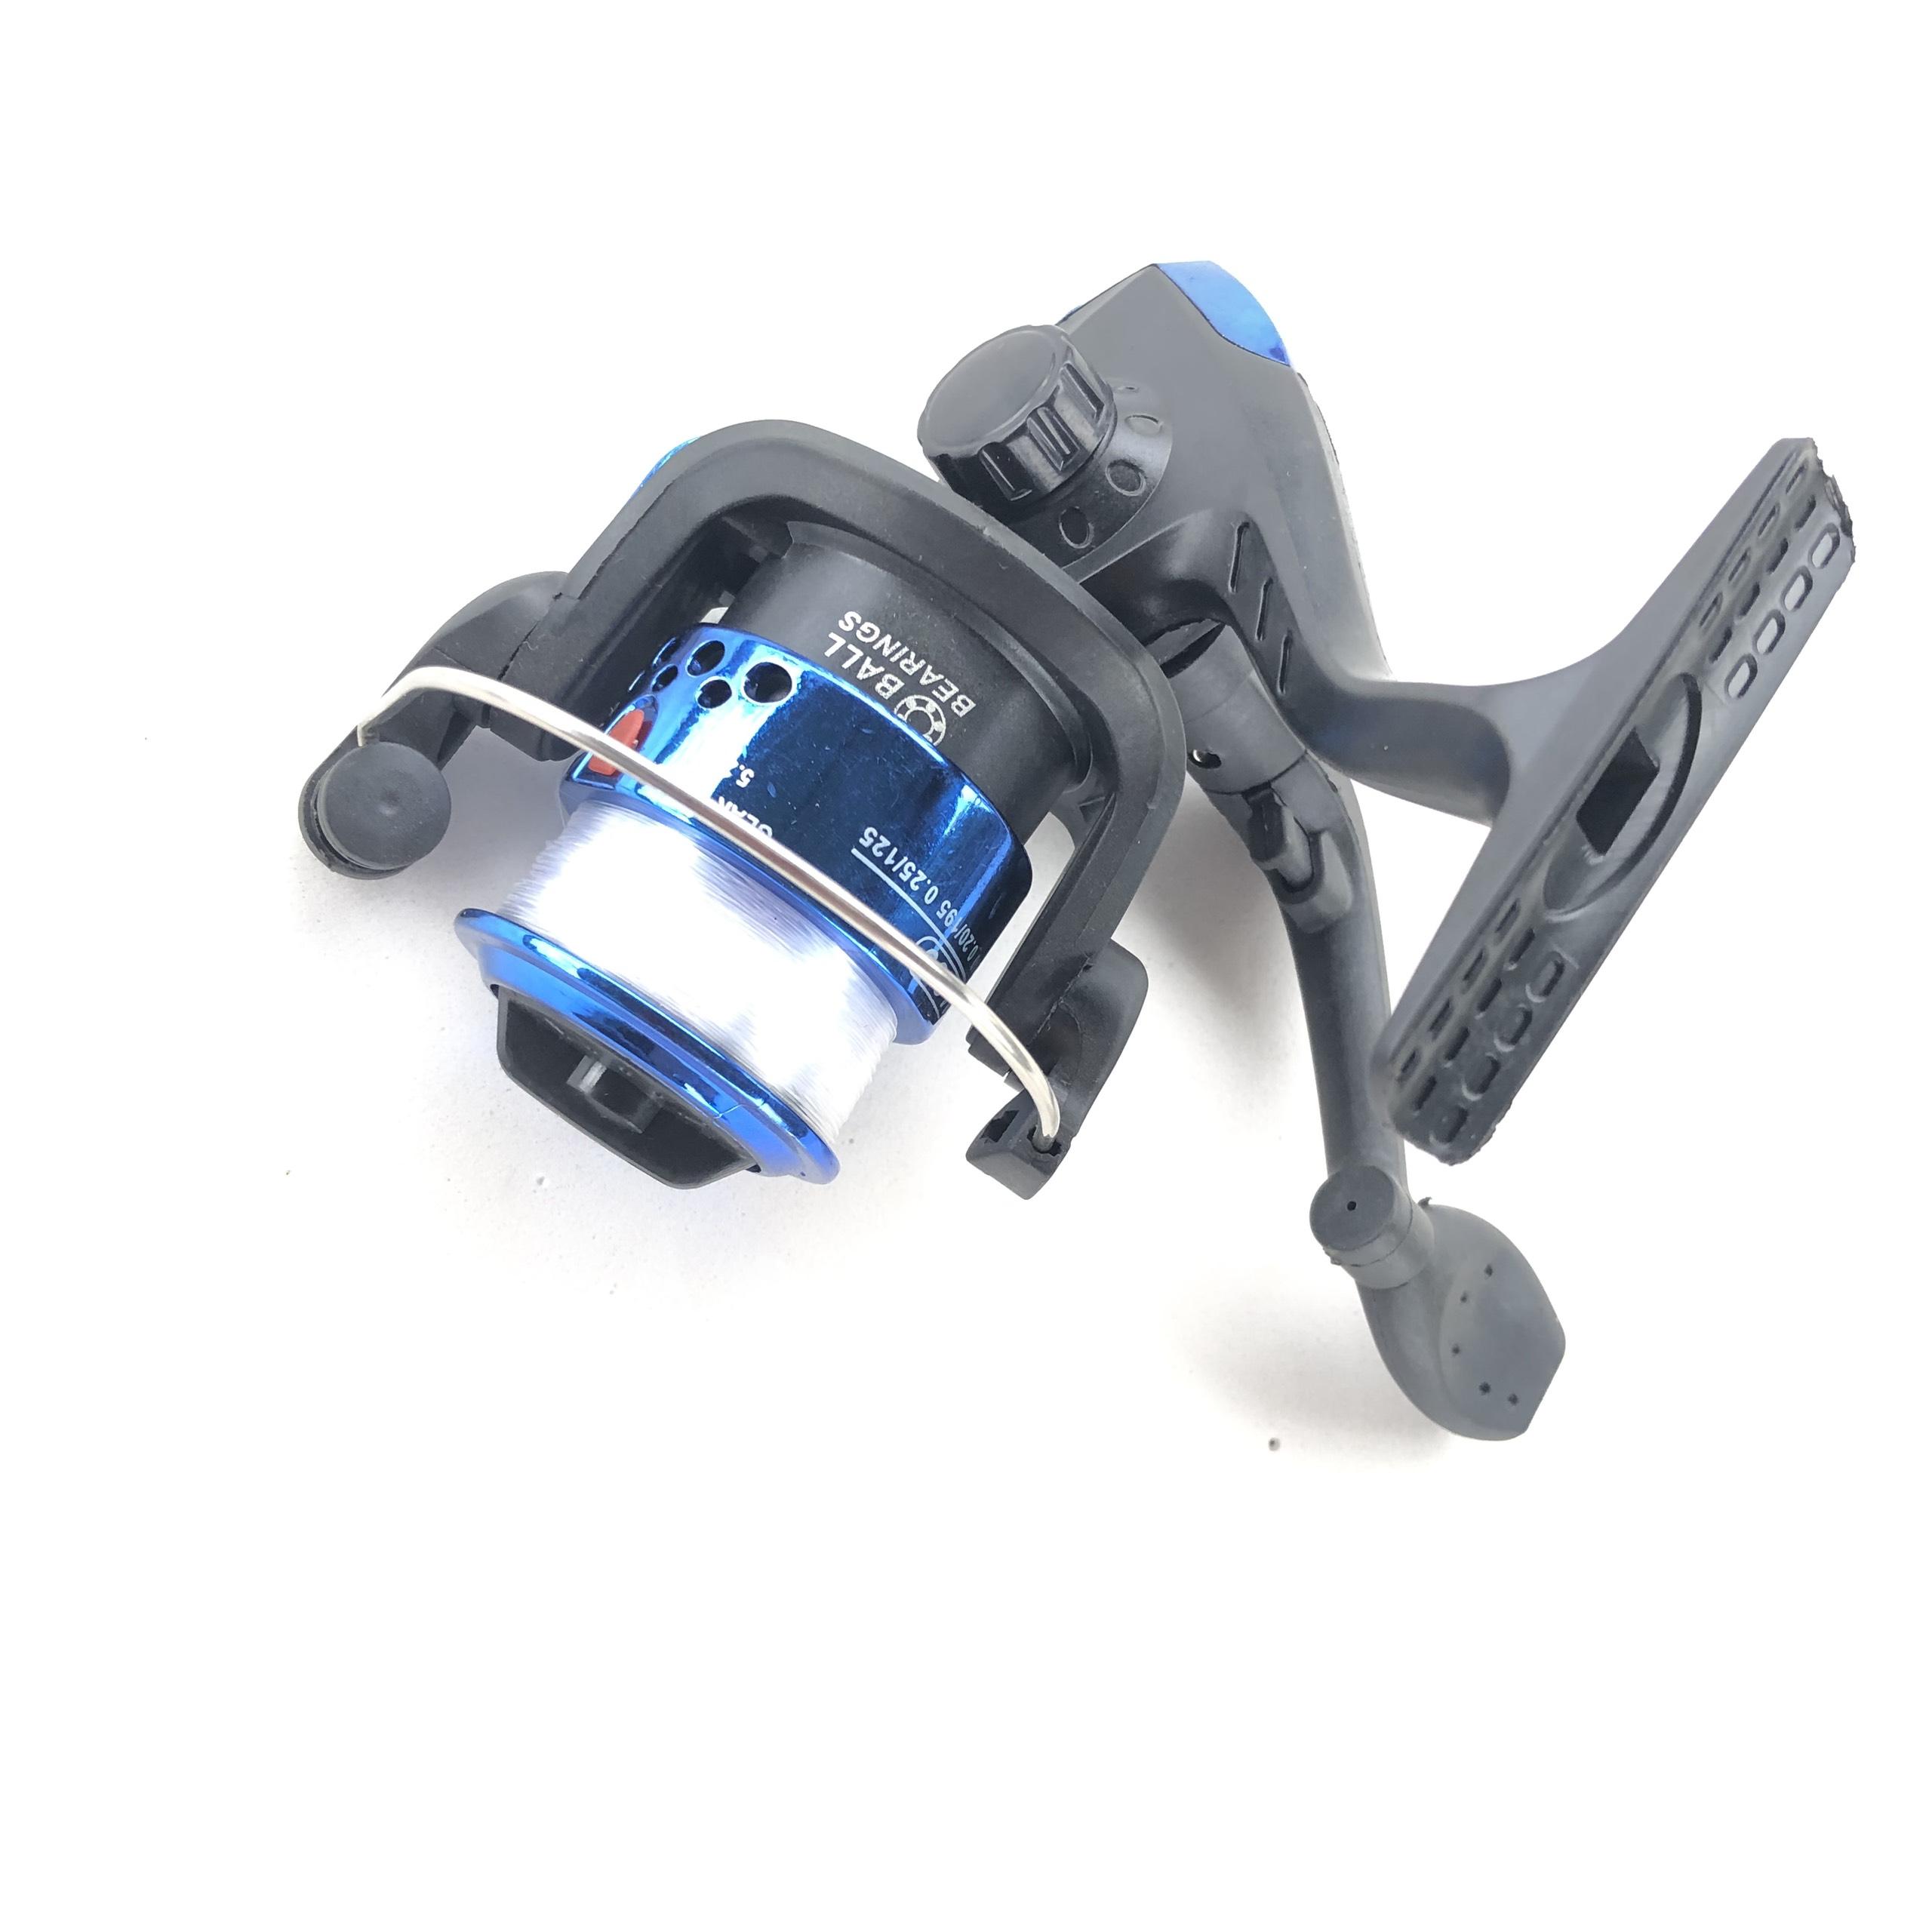 Máy câu cá mini kèm 80m dây cước cuốn sẵn. Phụ kiện câu cá chuyên nghiệp, gọn nhẹ, dễ dàng mang theo và tháo lắp khi cần thay thế. 4